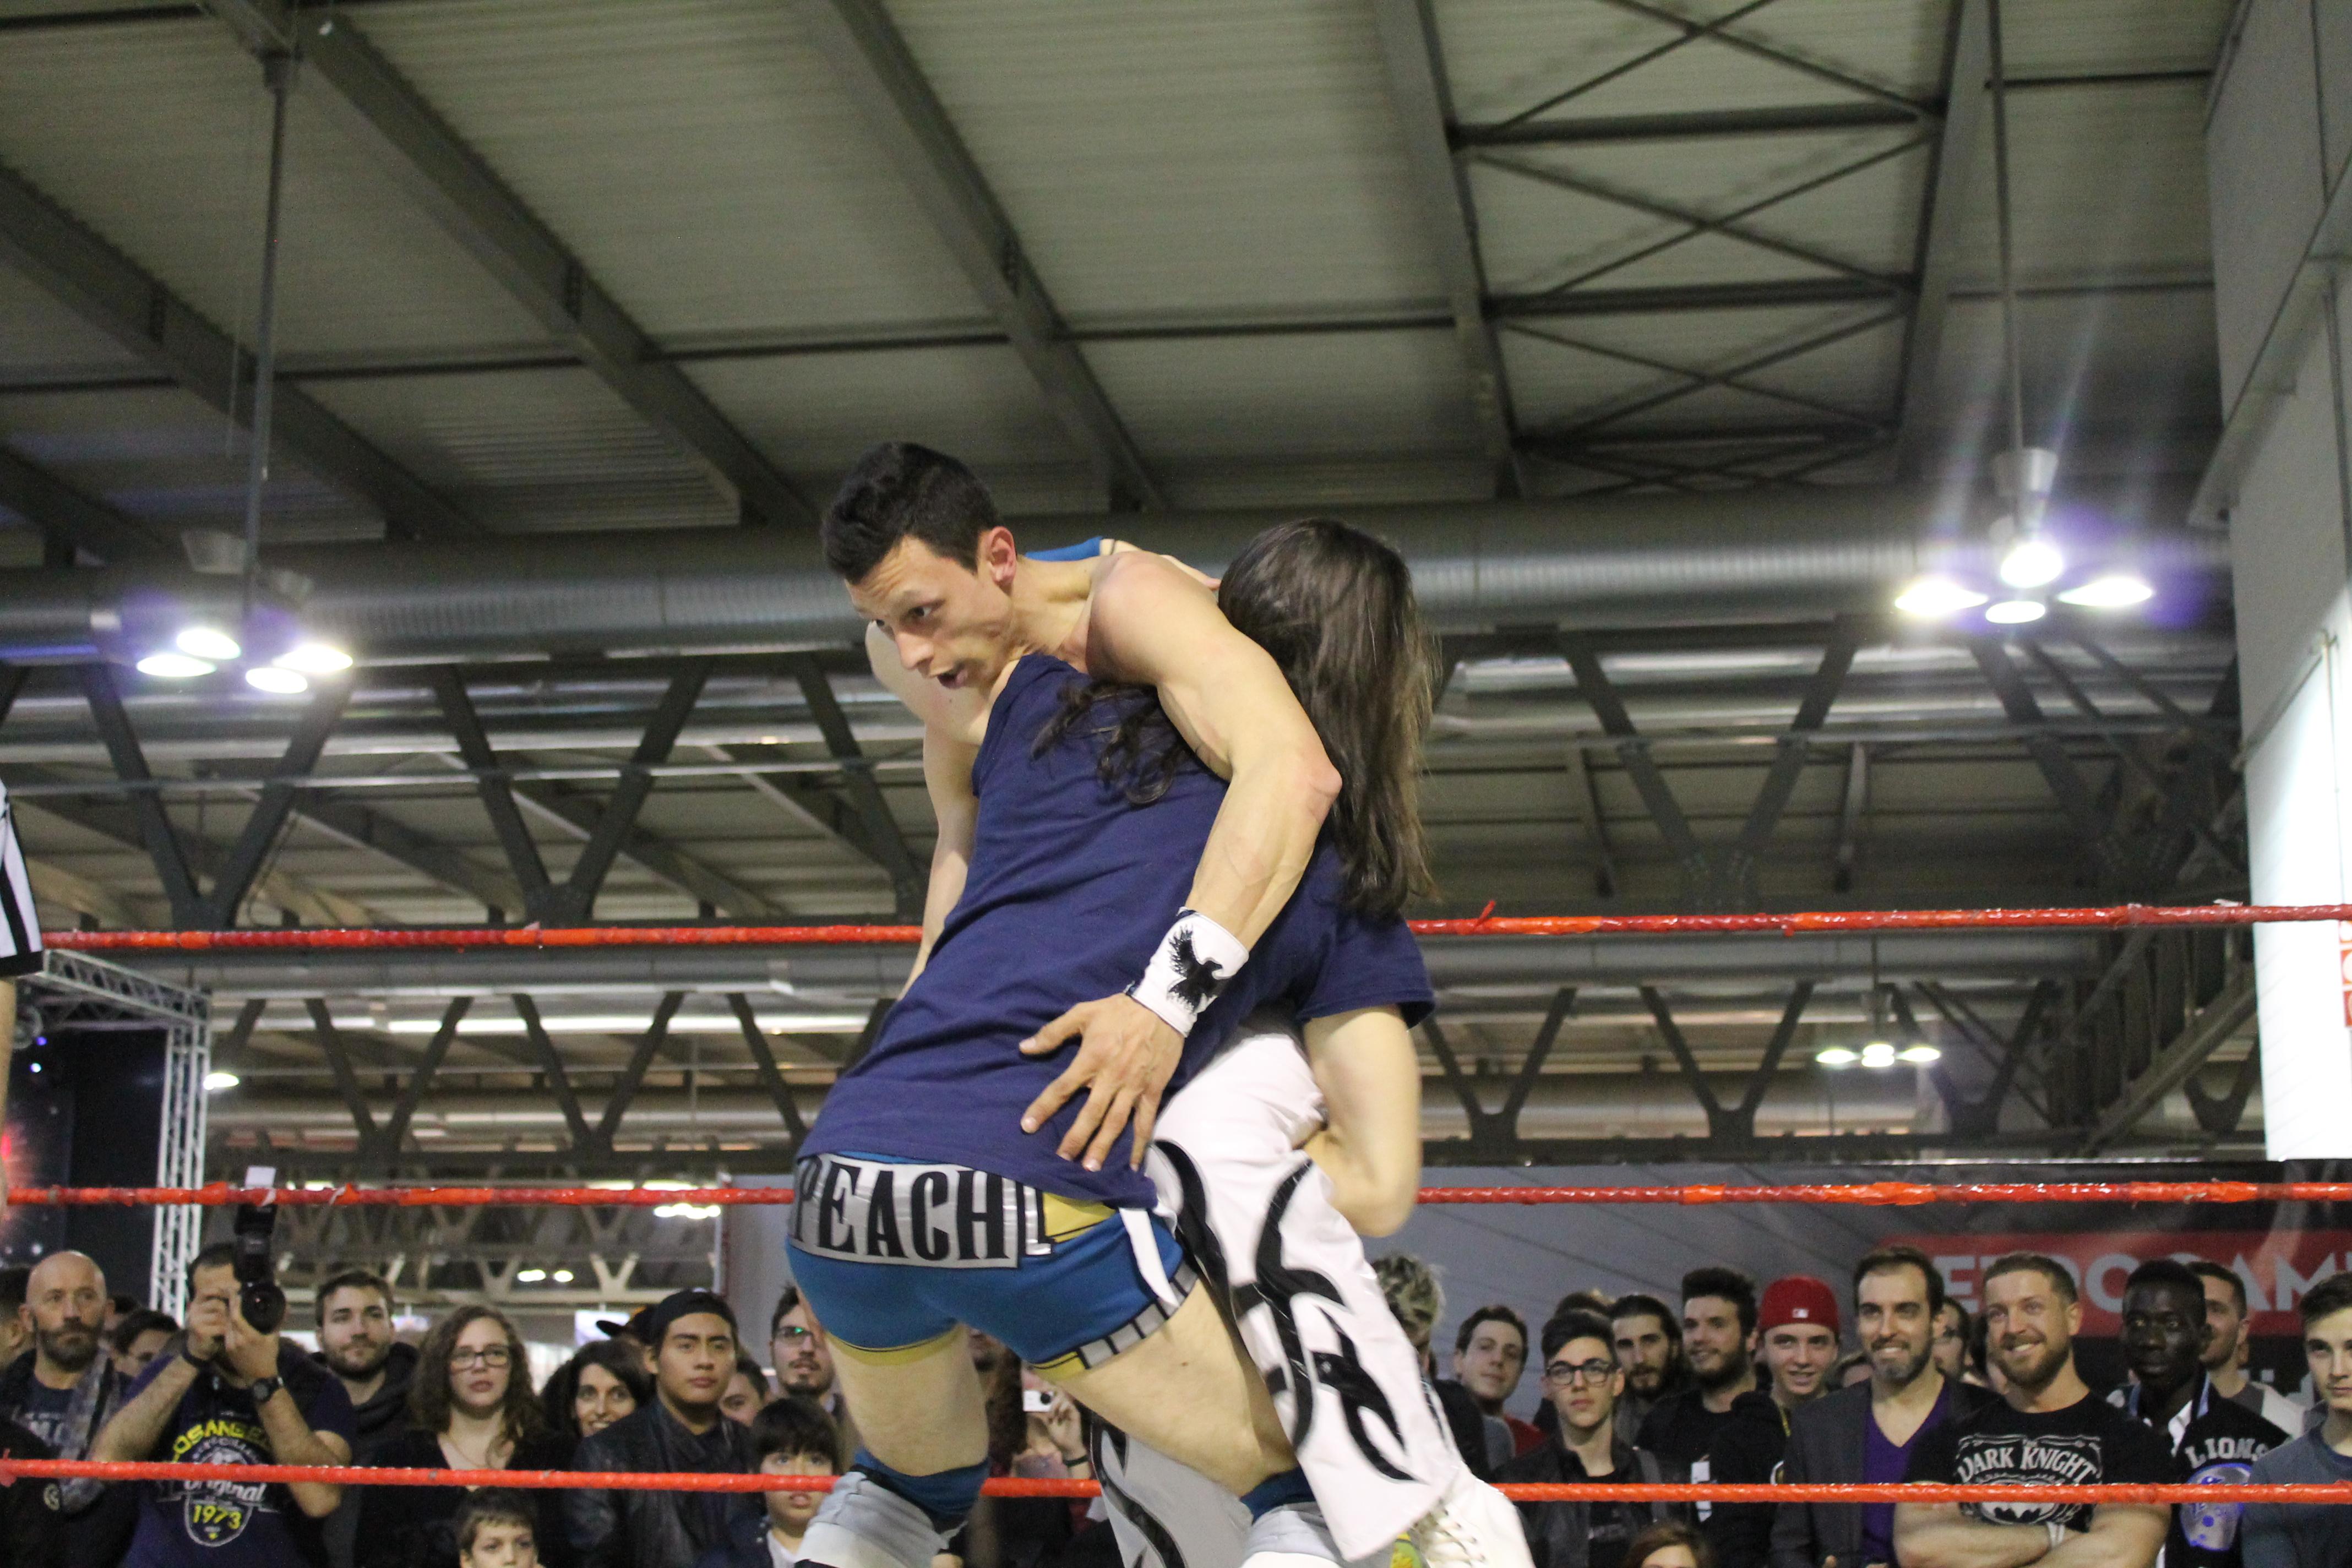 Il Campione dei Pesi Leggeri, Max Peach, mantiene la sua cintura contro uno stoico Picchio Rosso, che si è dovuto arrendere dopo un colpo basso non visto dall'arbitro